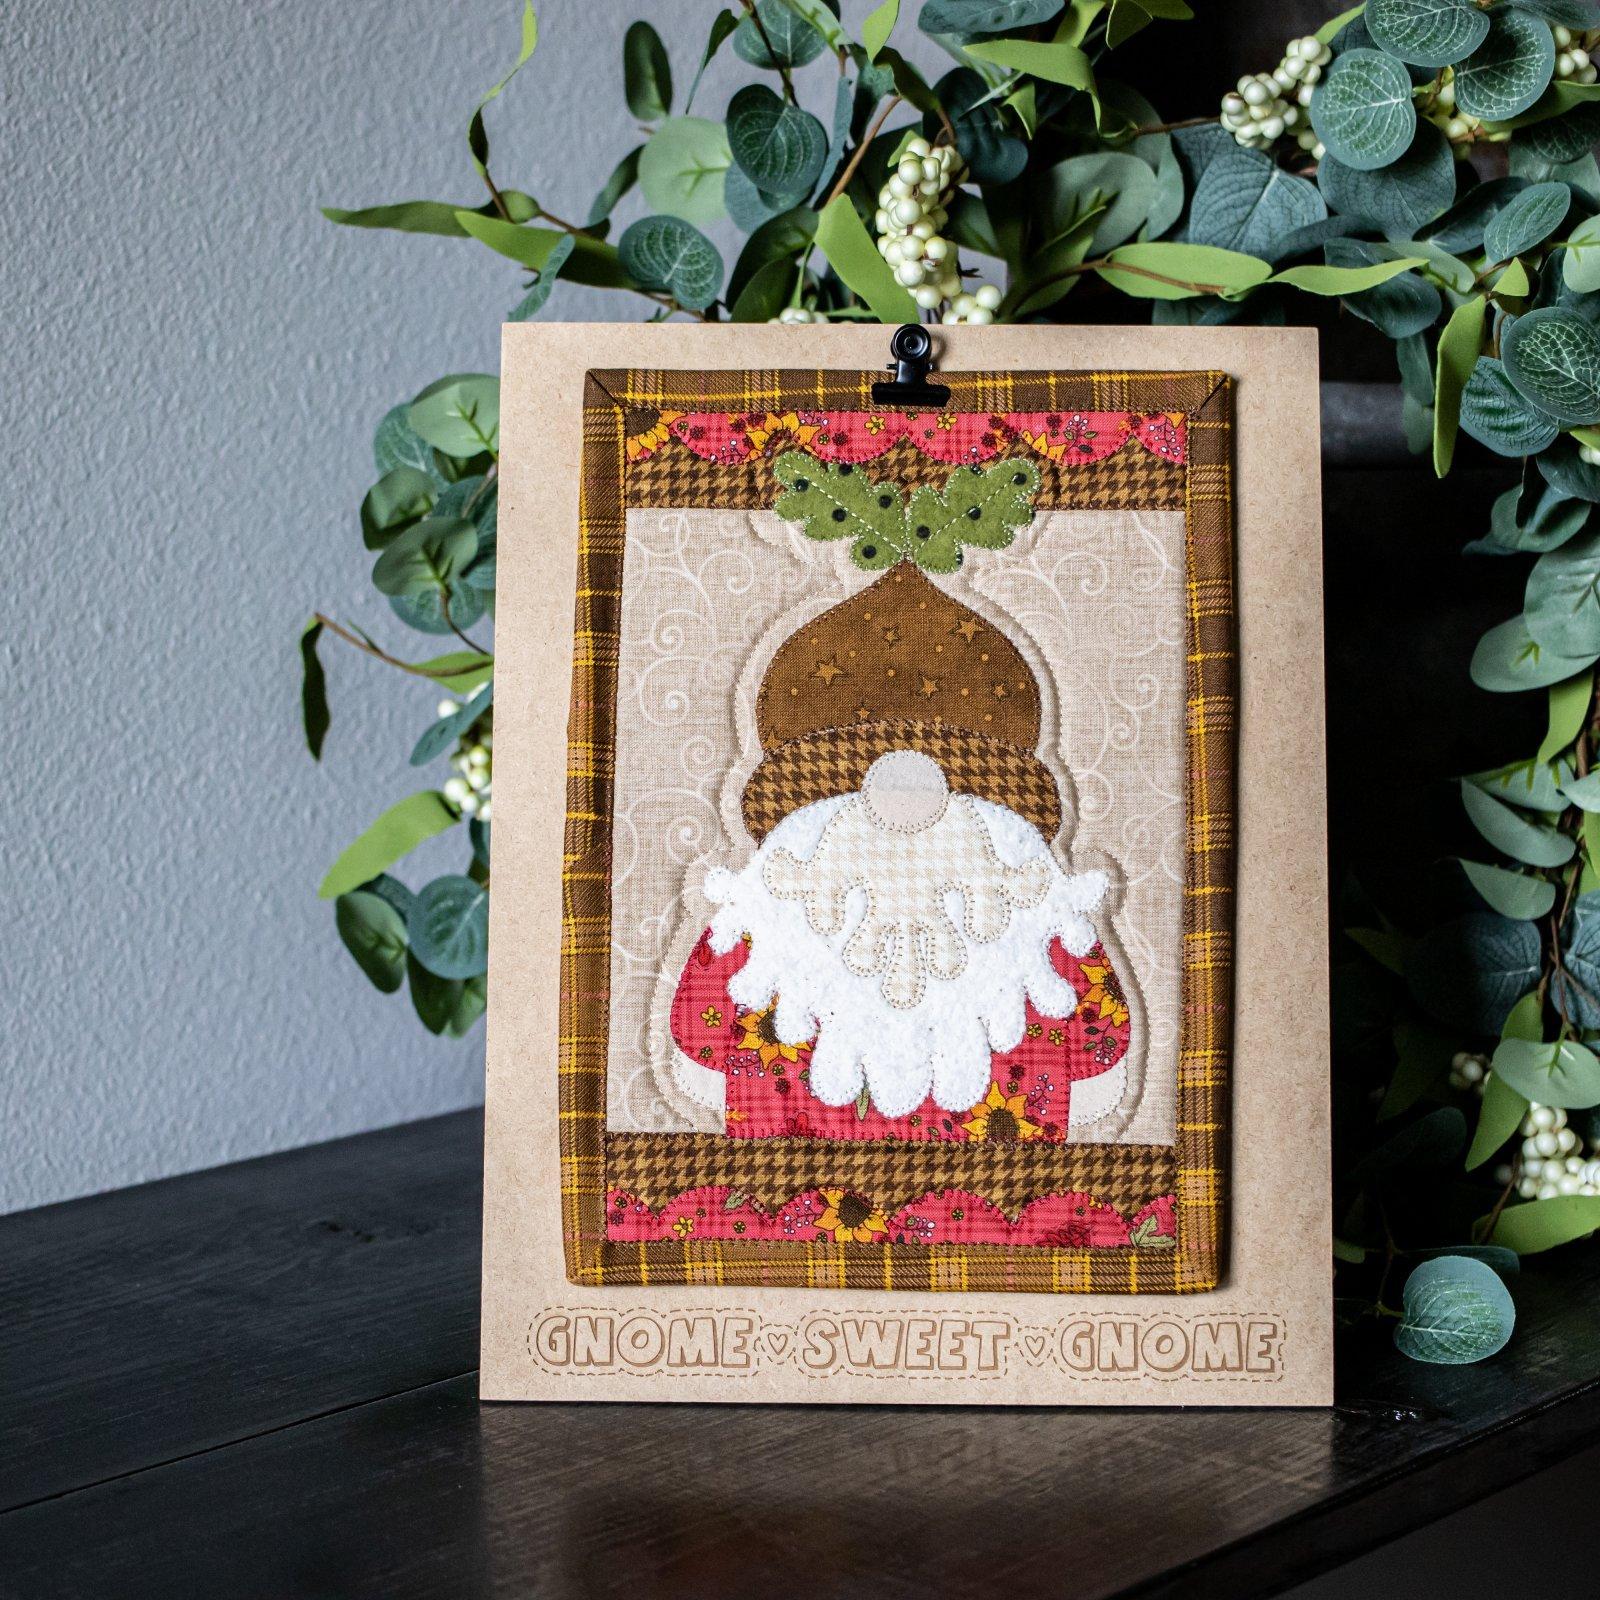 Gnome Sweet Gnome Board